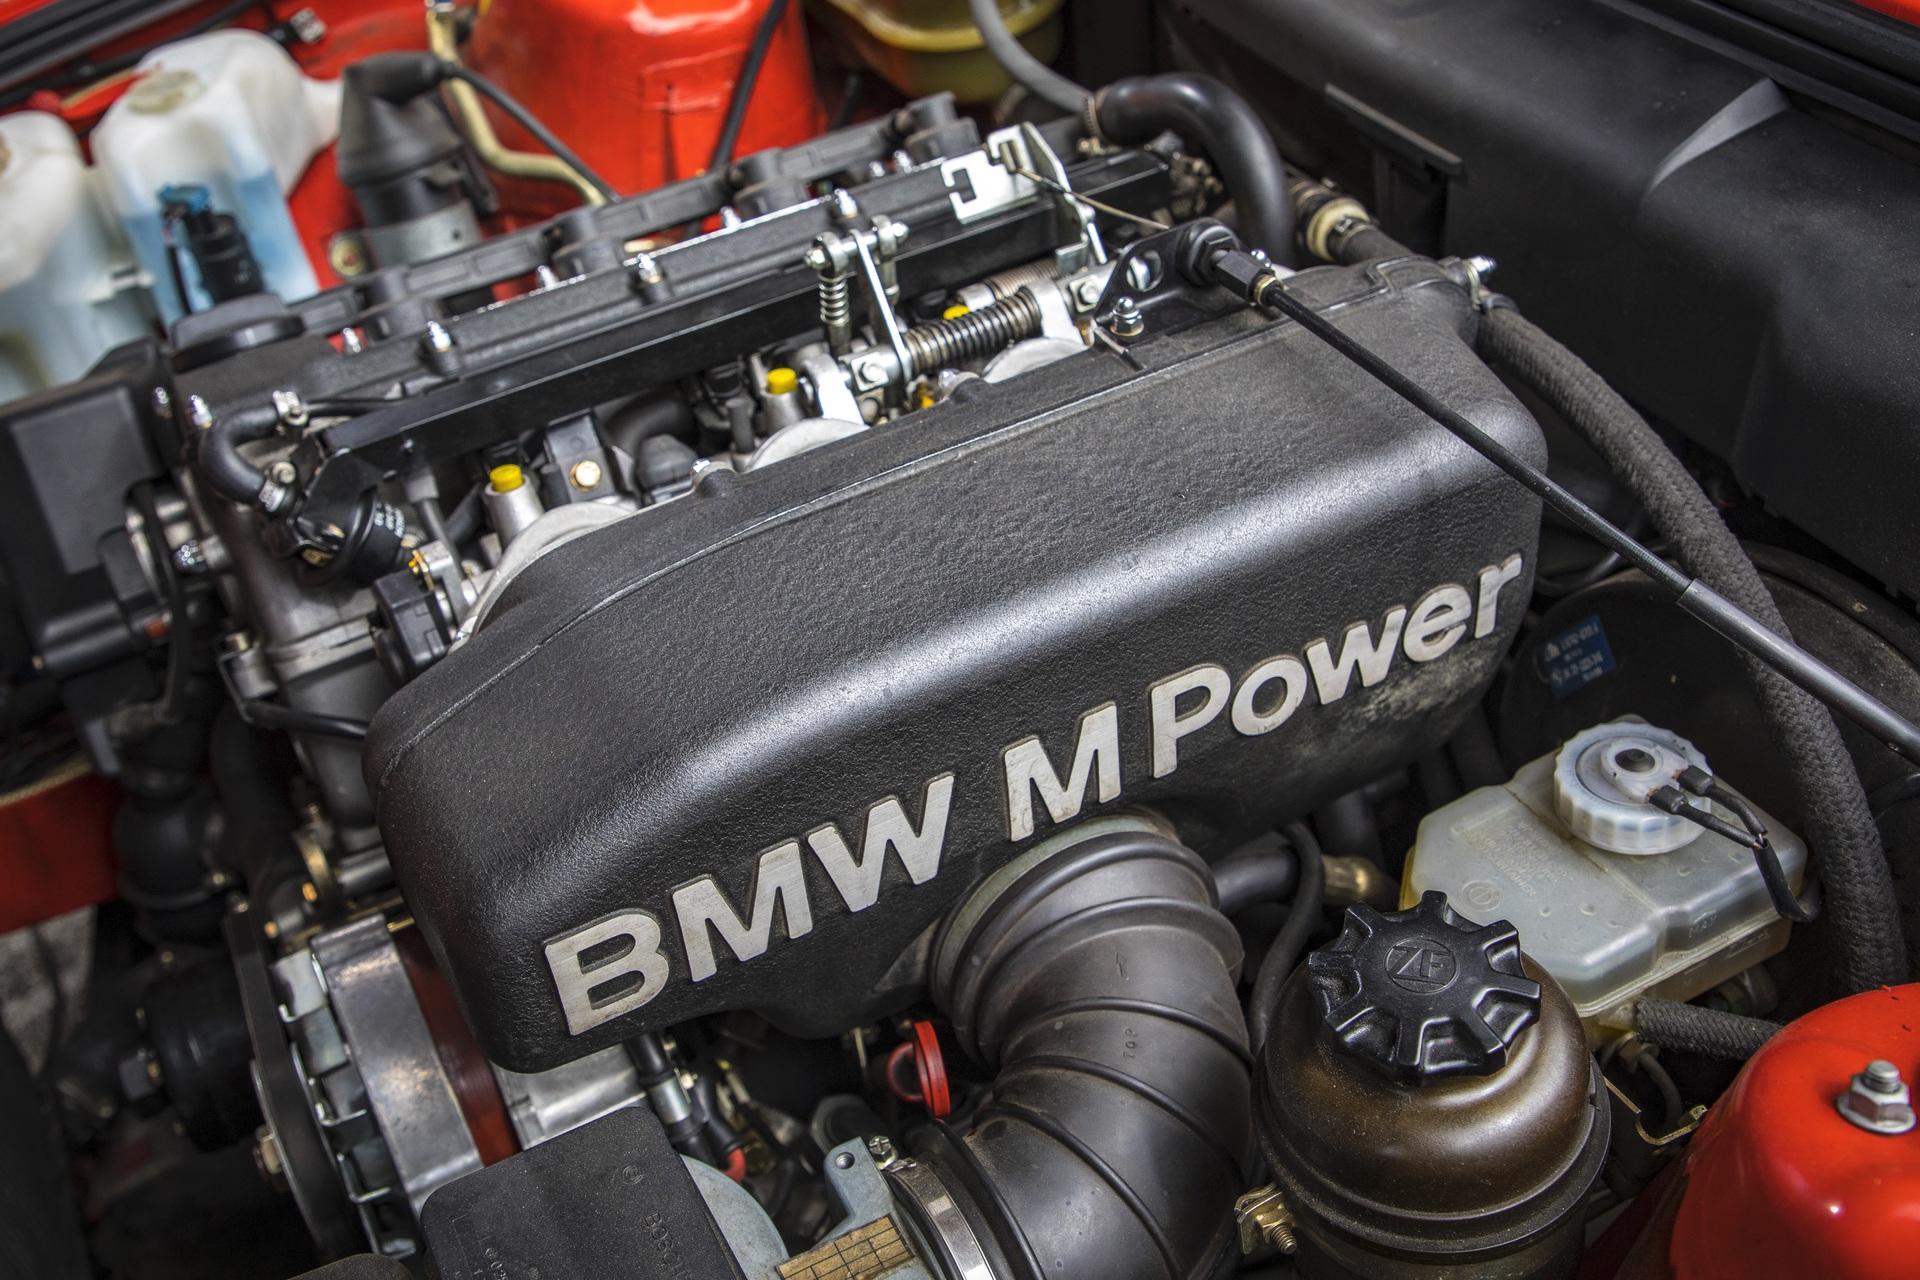 E30 BMW M3 test drive 76